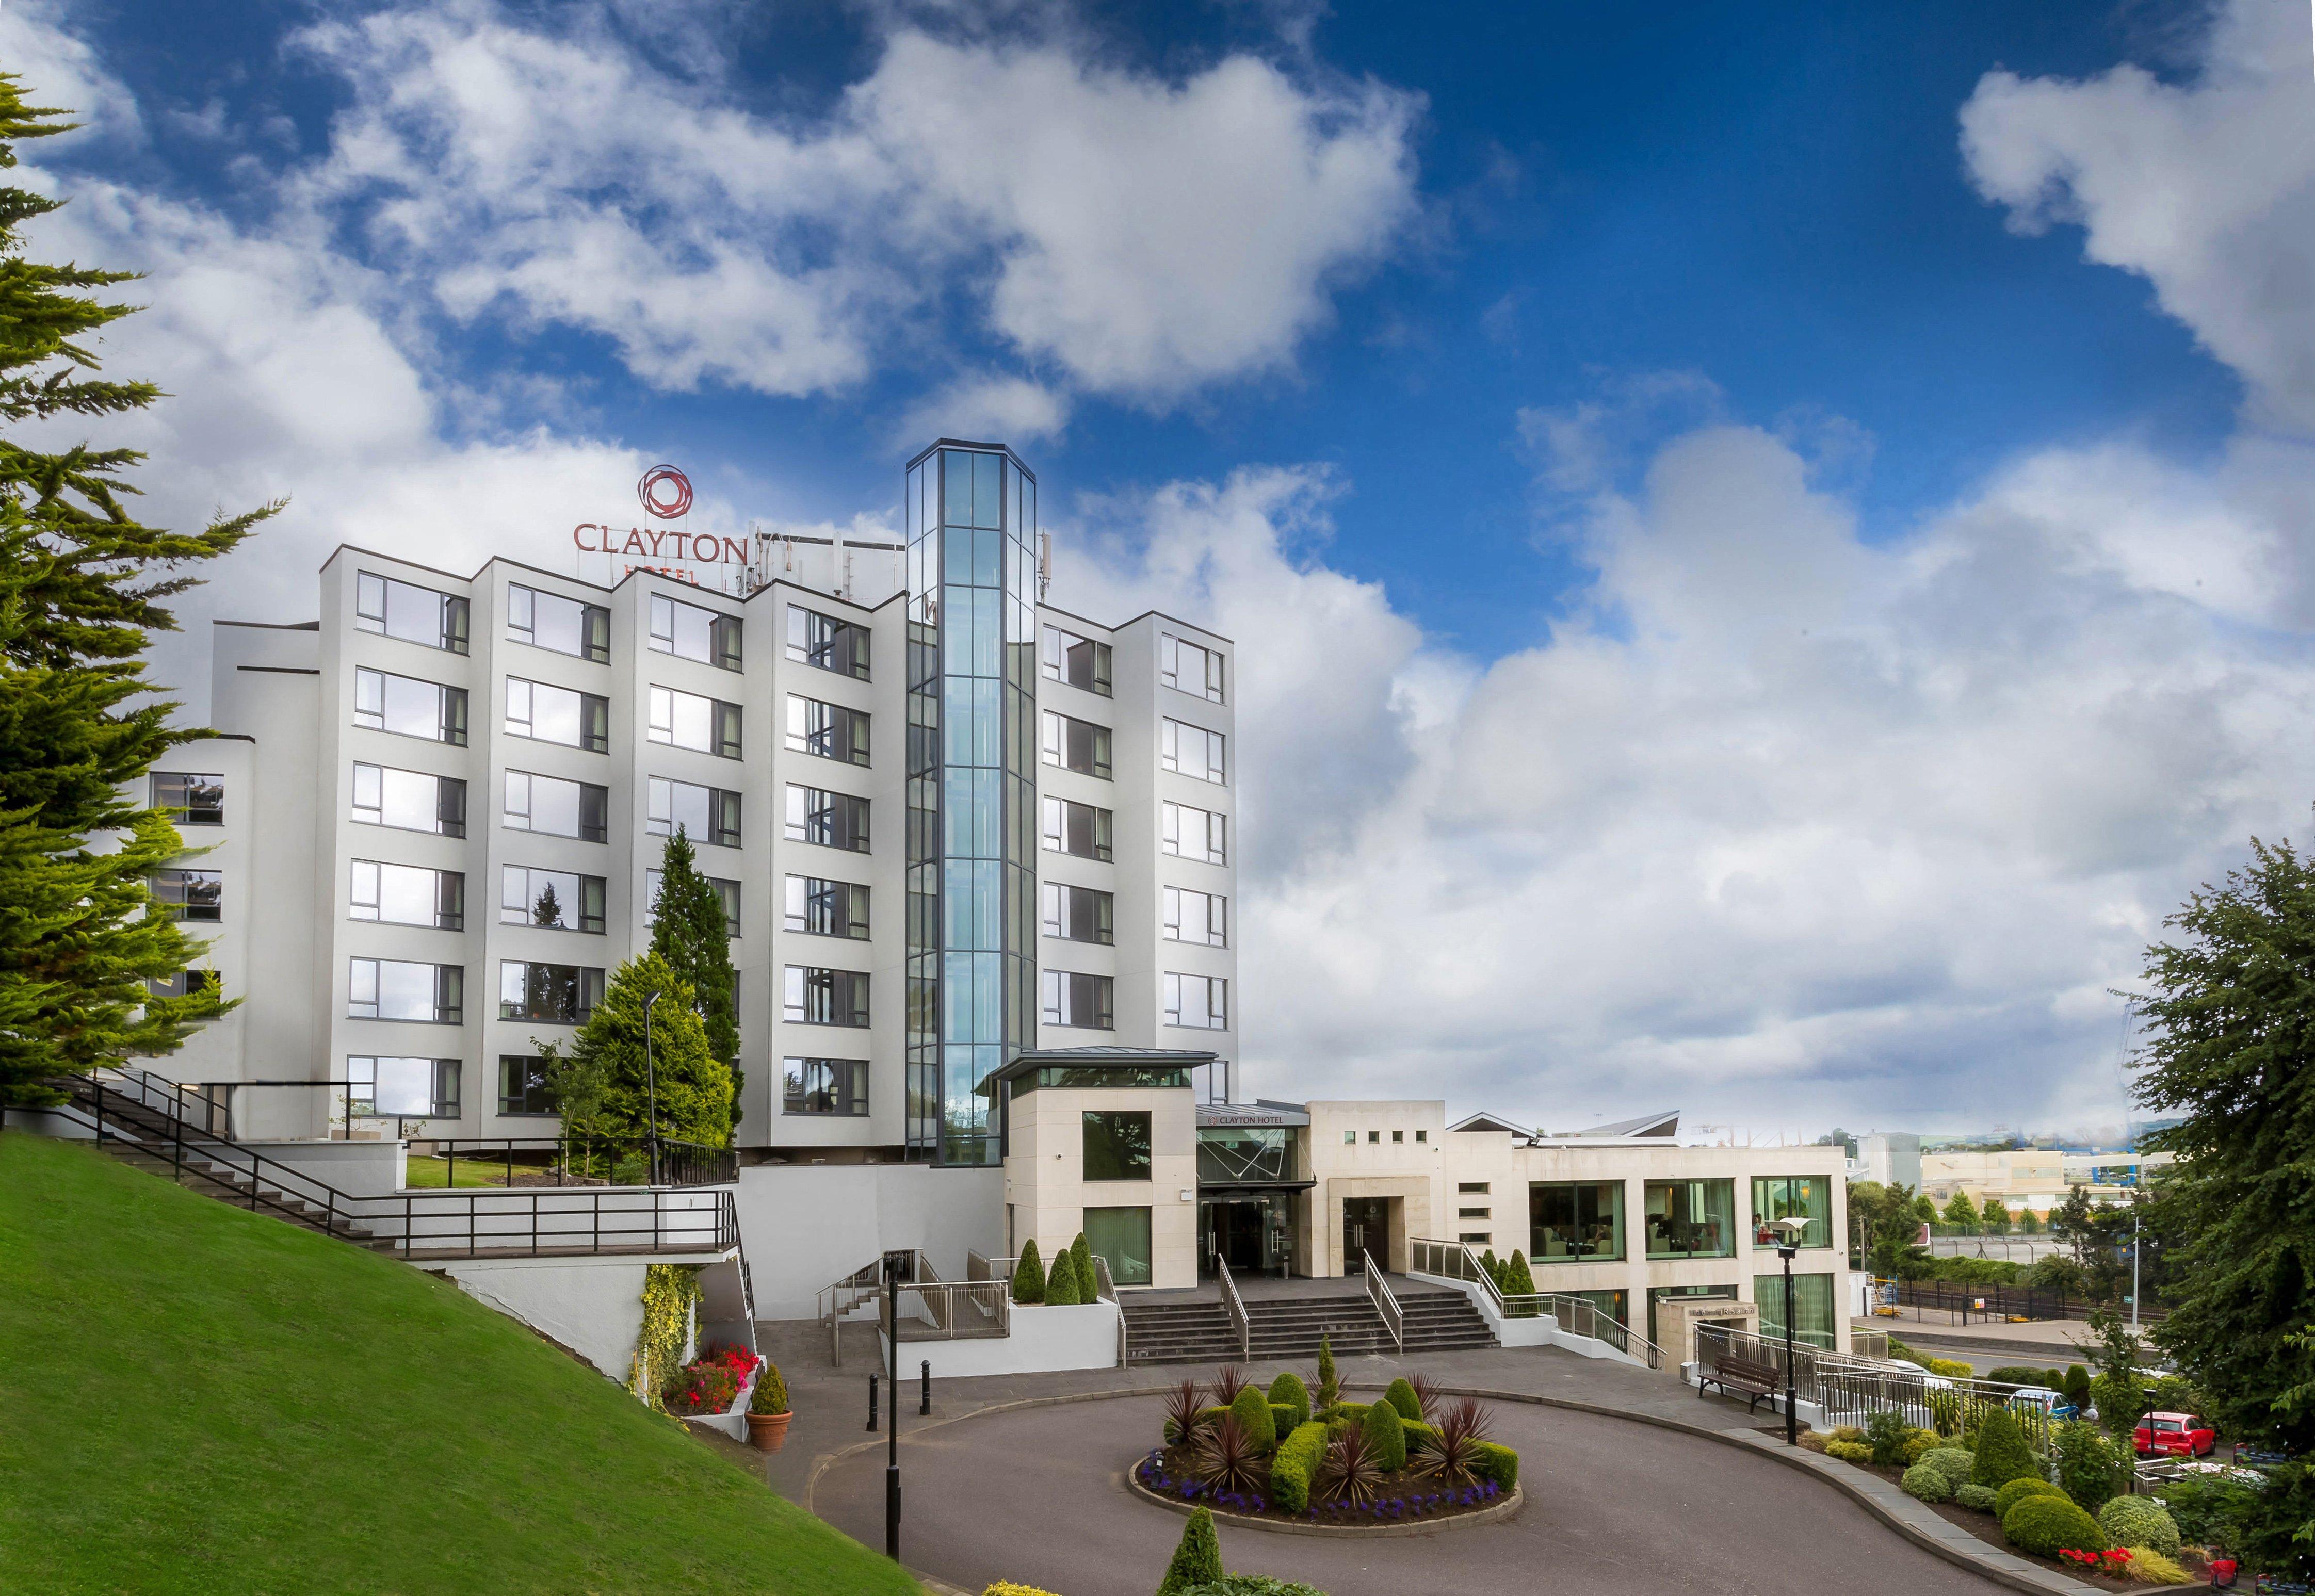 シルバー スプリングス モーラン ホテル